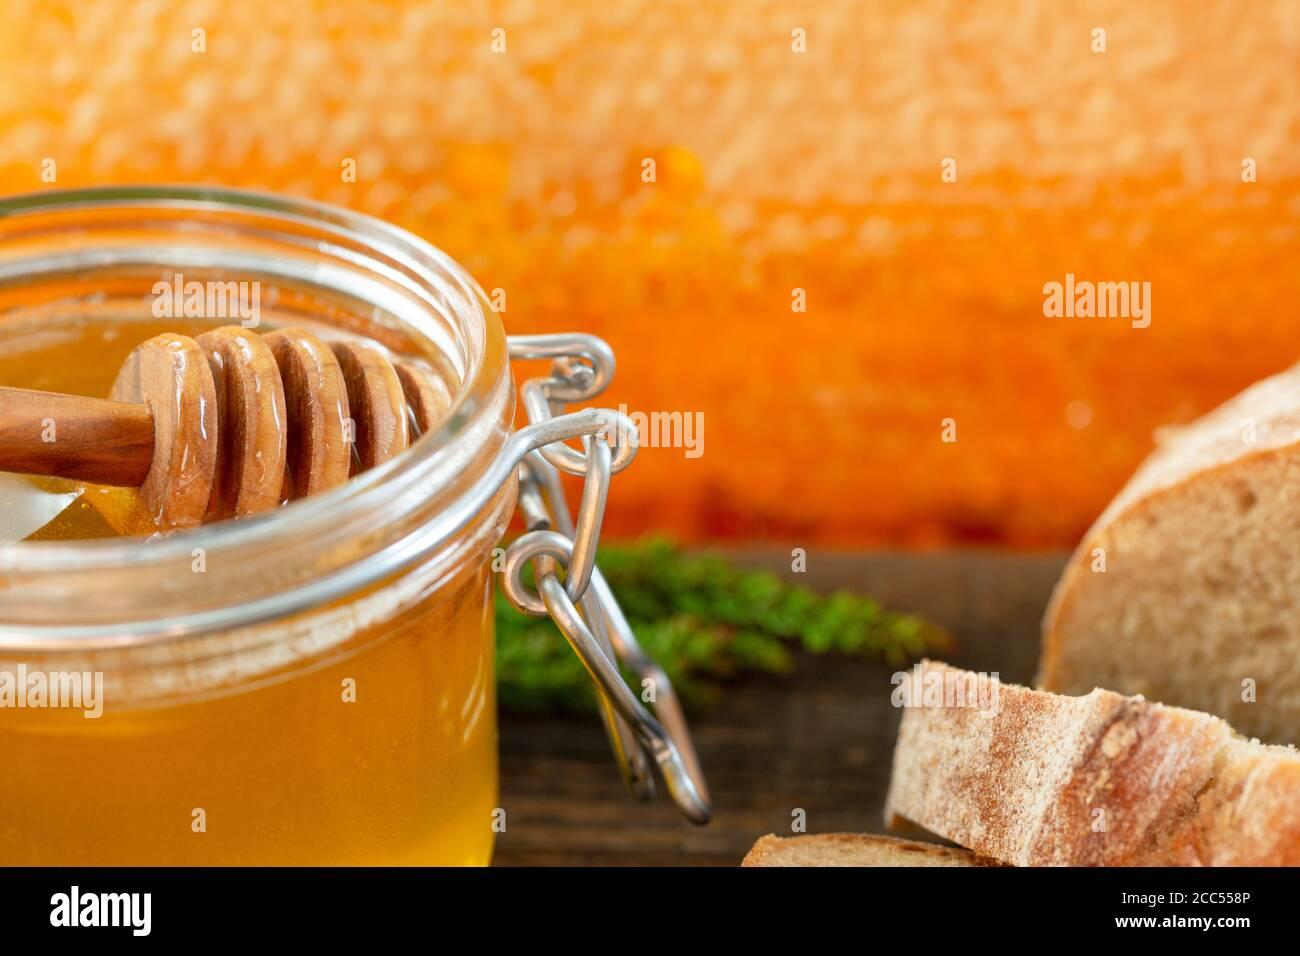 miel biologique et pain rustique sur une vieille table en bois. Petit déjeuner sain. Banque D'Images